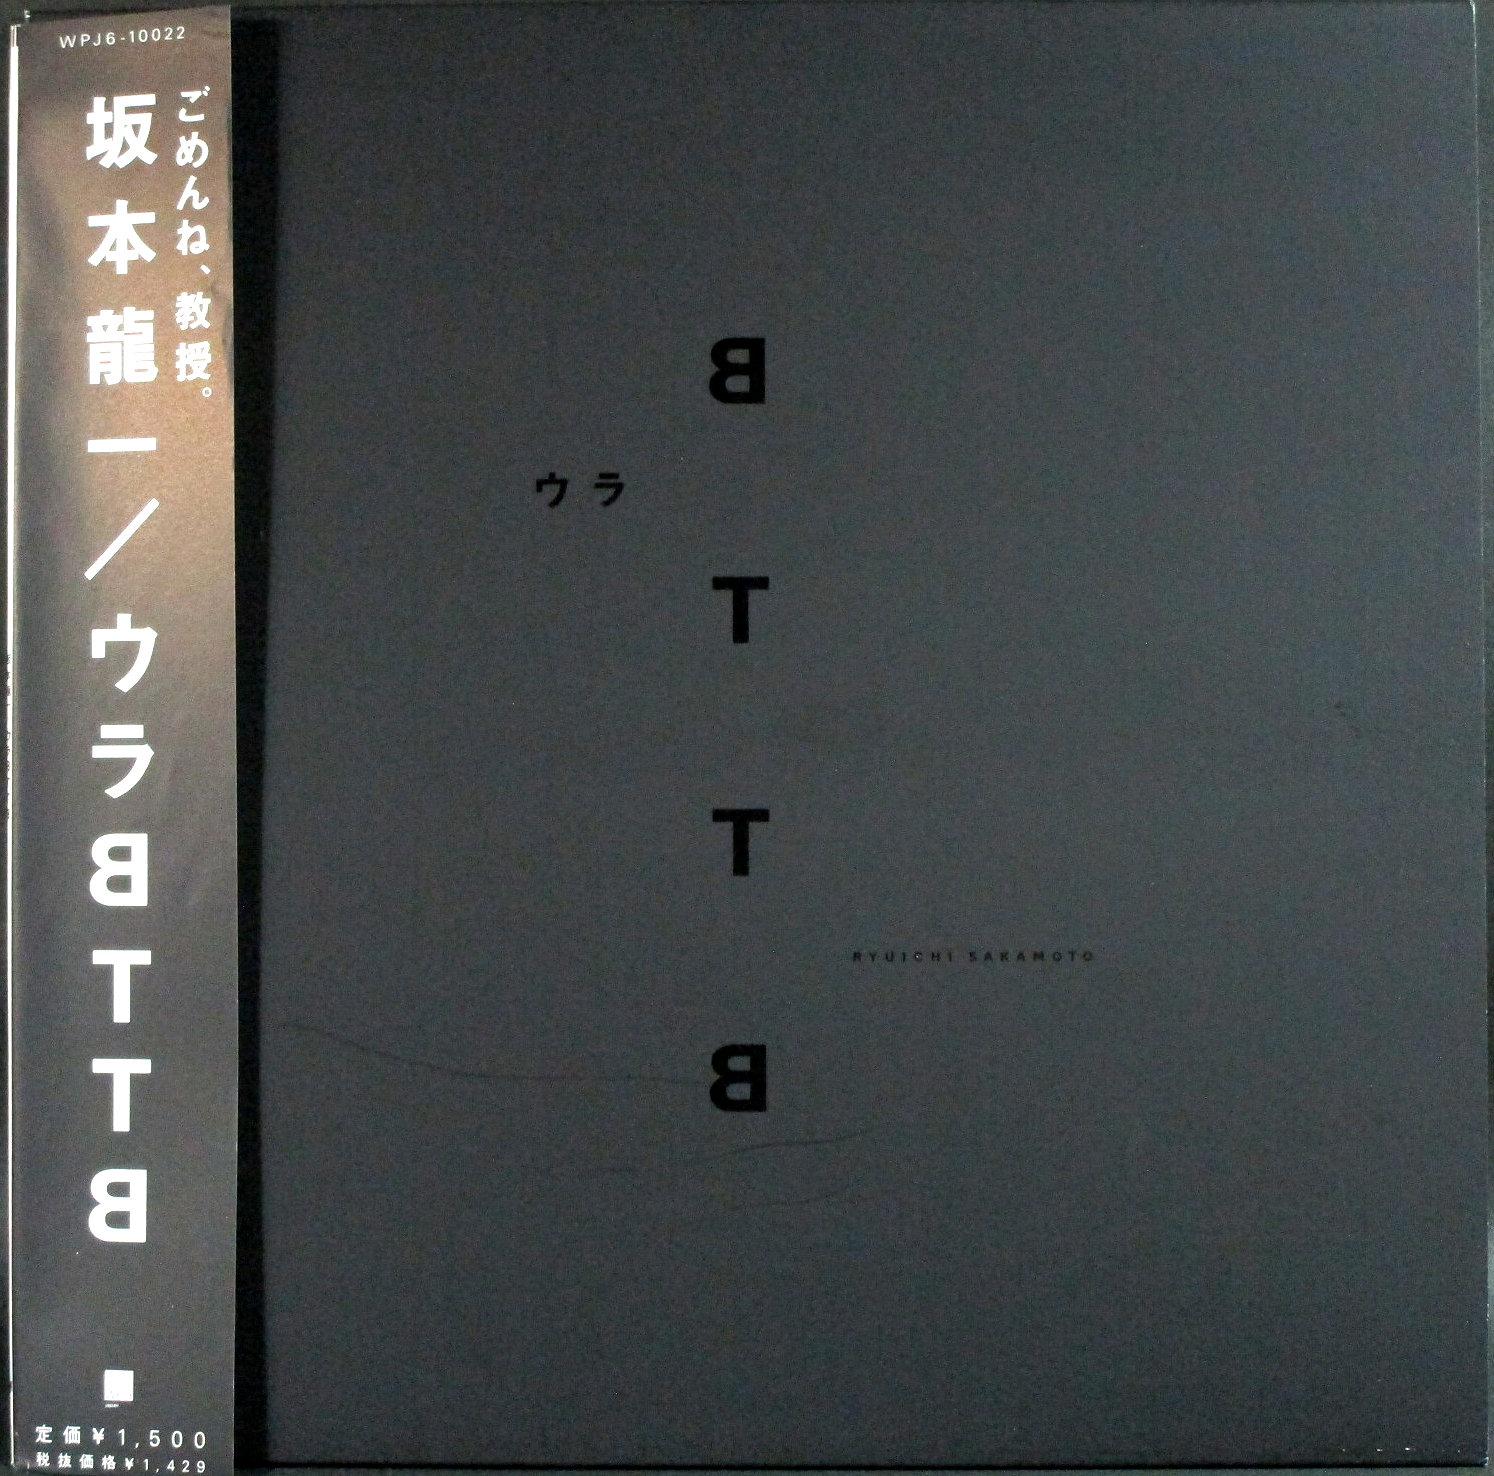 坂本龍一 Ryuichi Sakamoto / ウラBTTB  ウラビーティーティービー